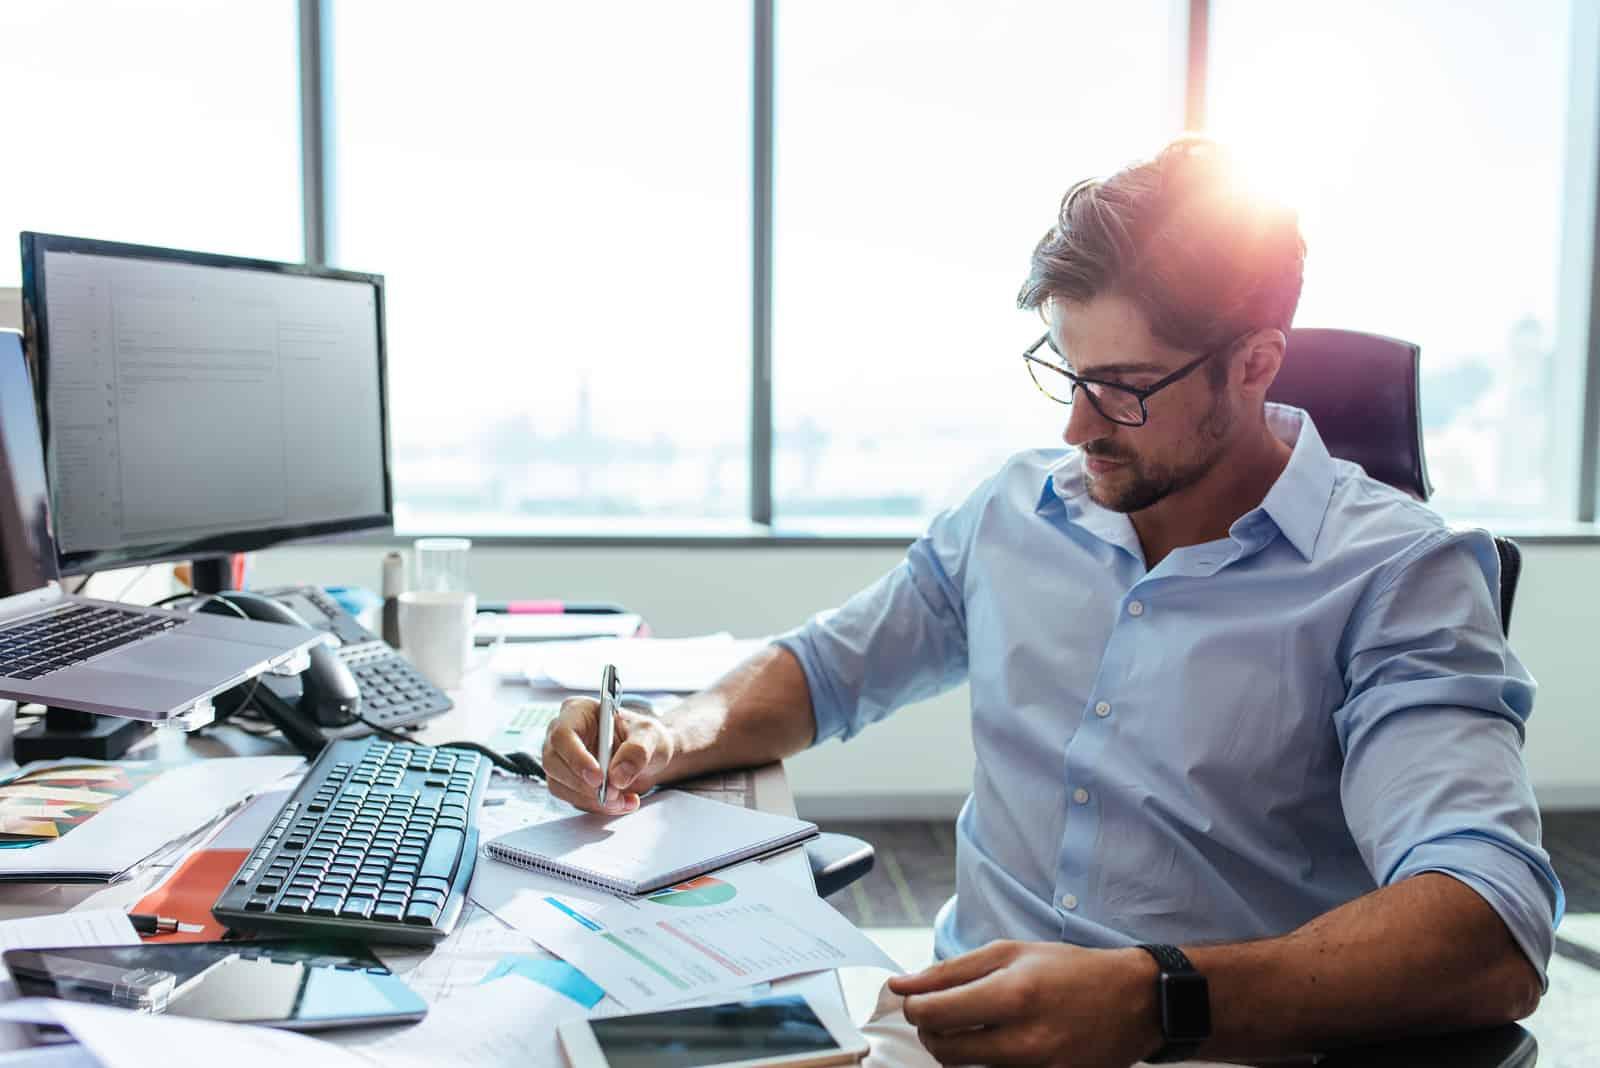 Ein Geschäftsmann im Büro arbeitet